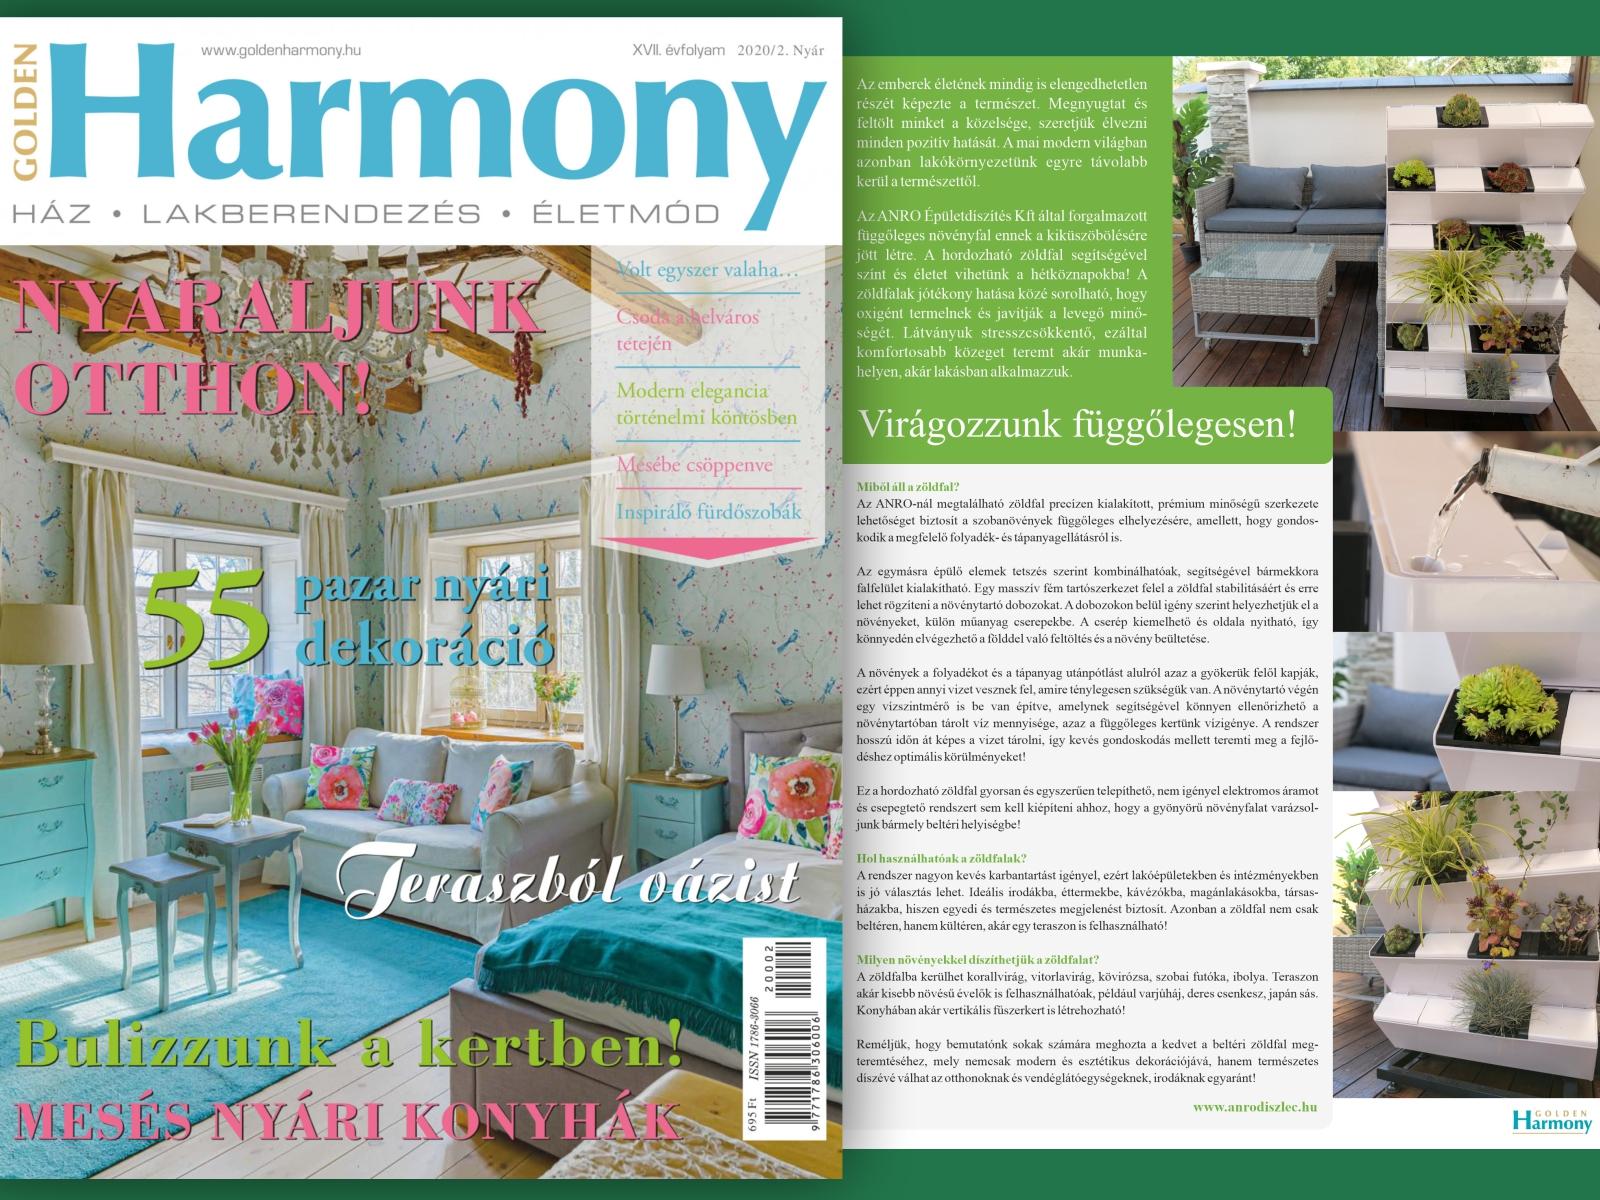 Cikkünk a Golden Harmony lakberendezési magazinban is megjelent!